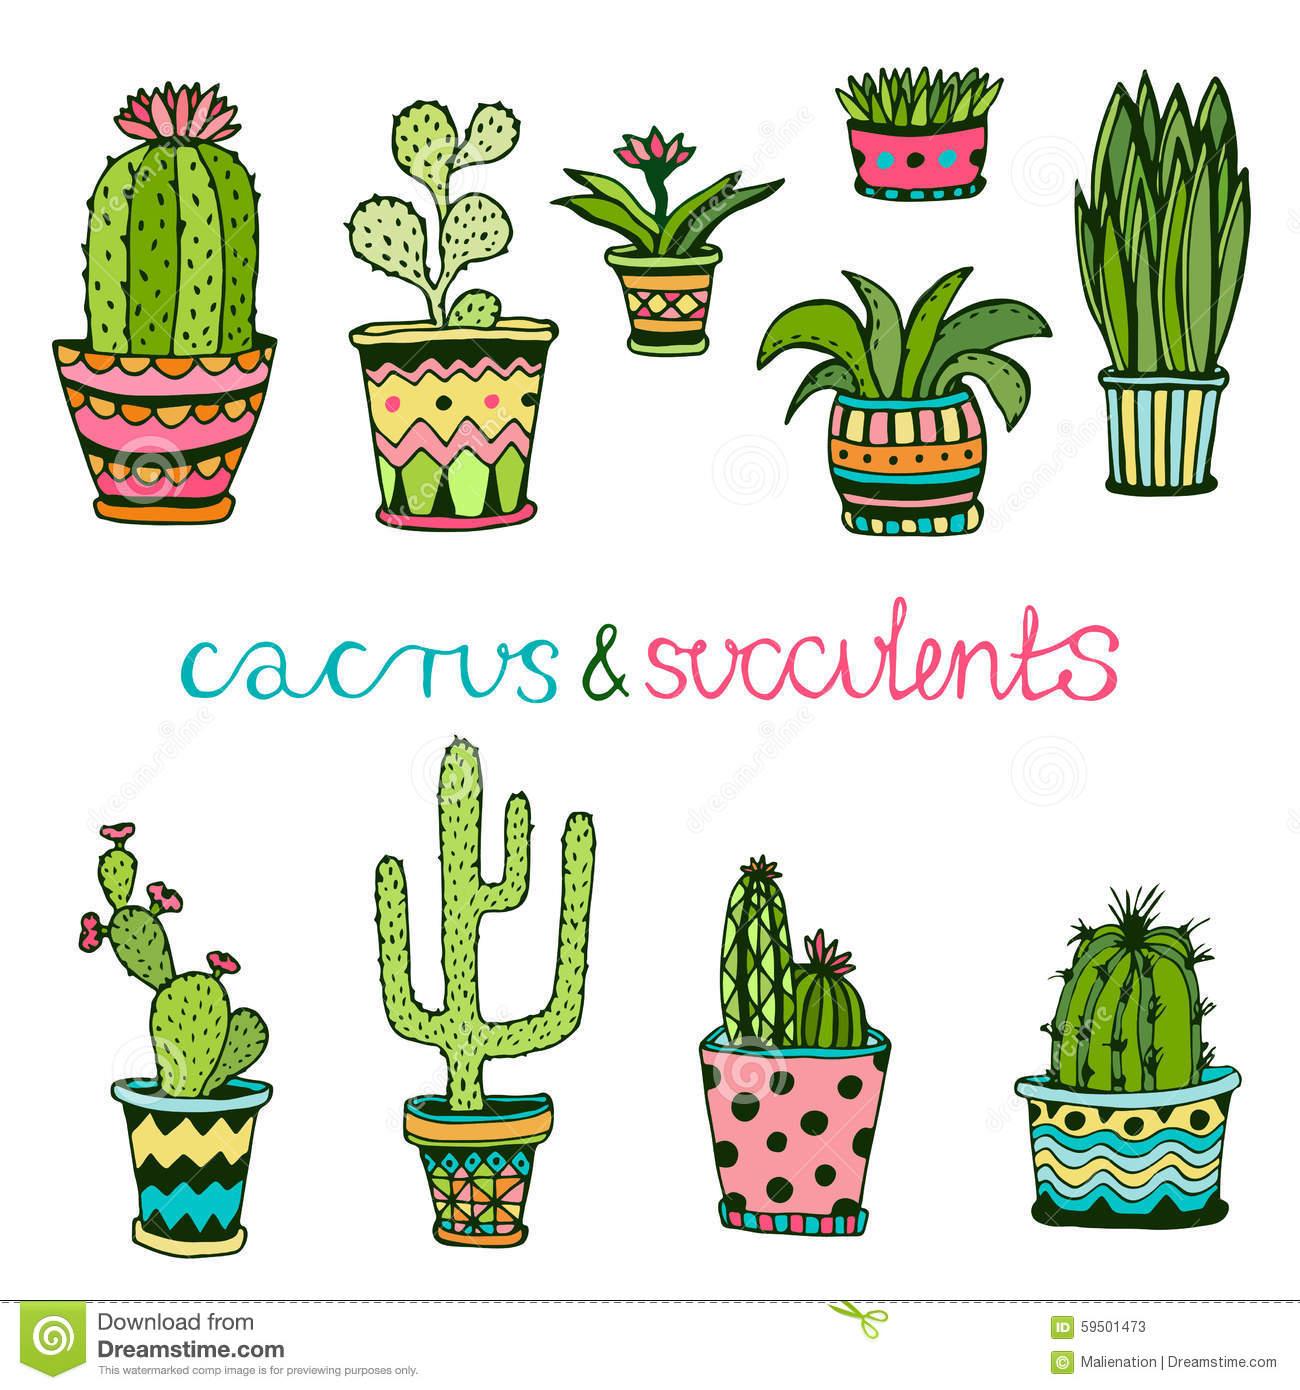 Drawn plant mexican flower Con cacti/succulent #plants Buscar